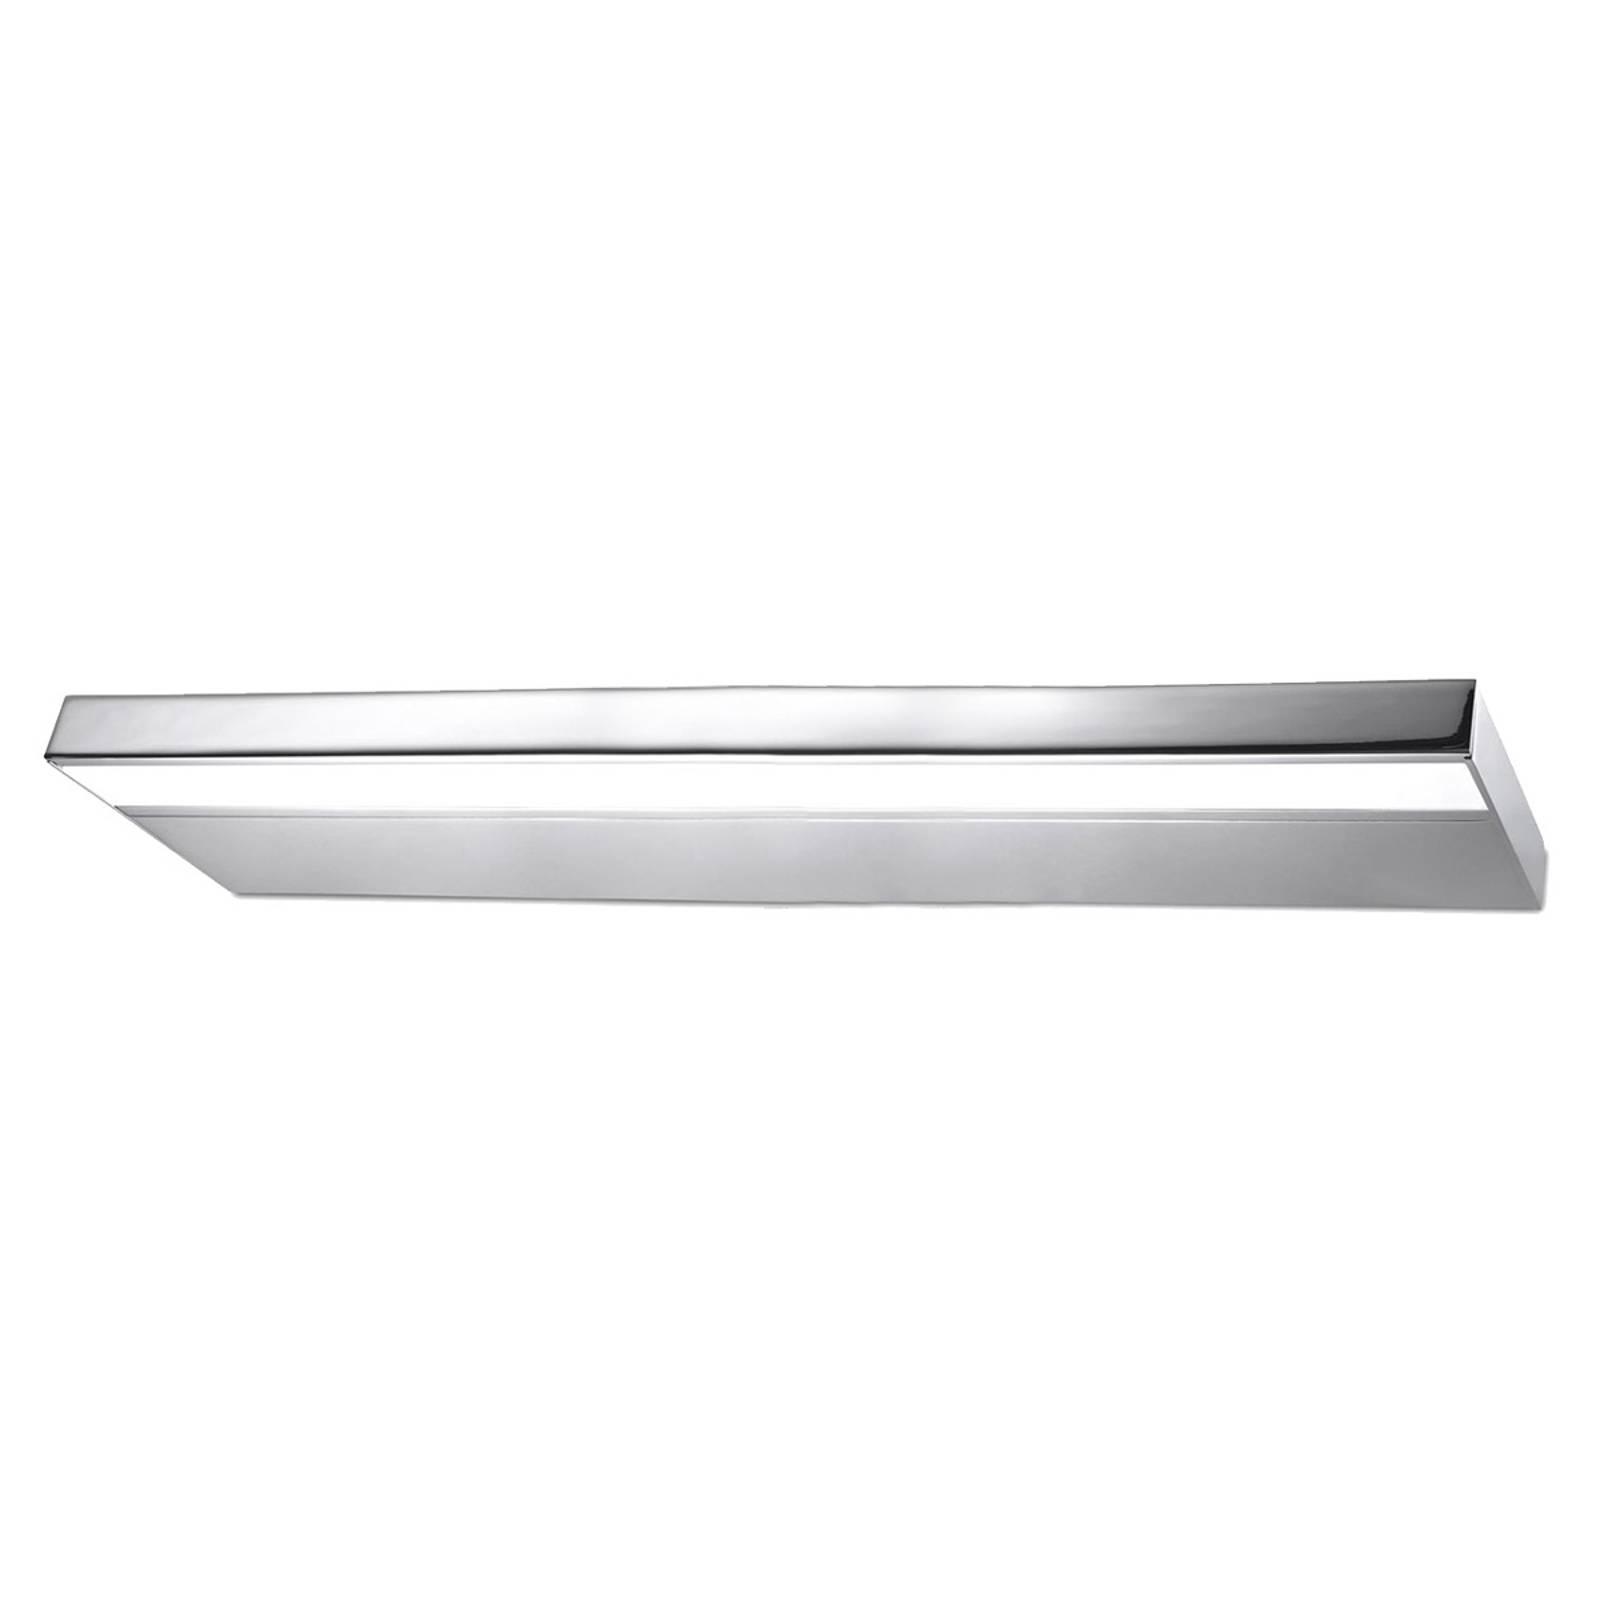 Applique salle de bain LED Prim IP20 120cm, chromé